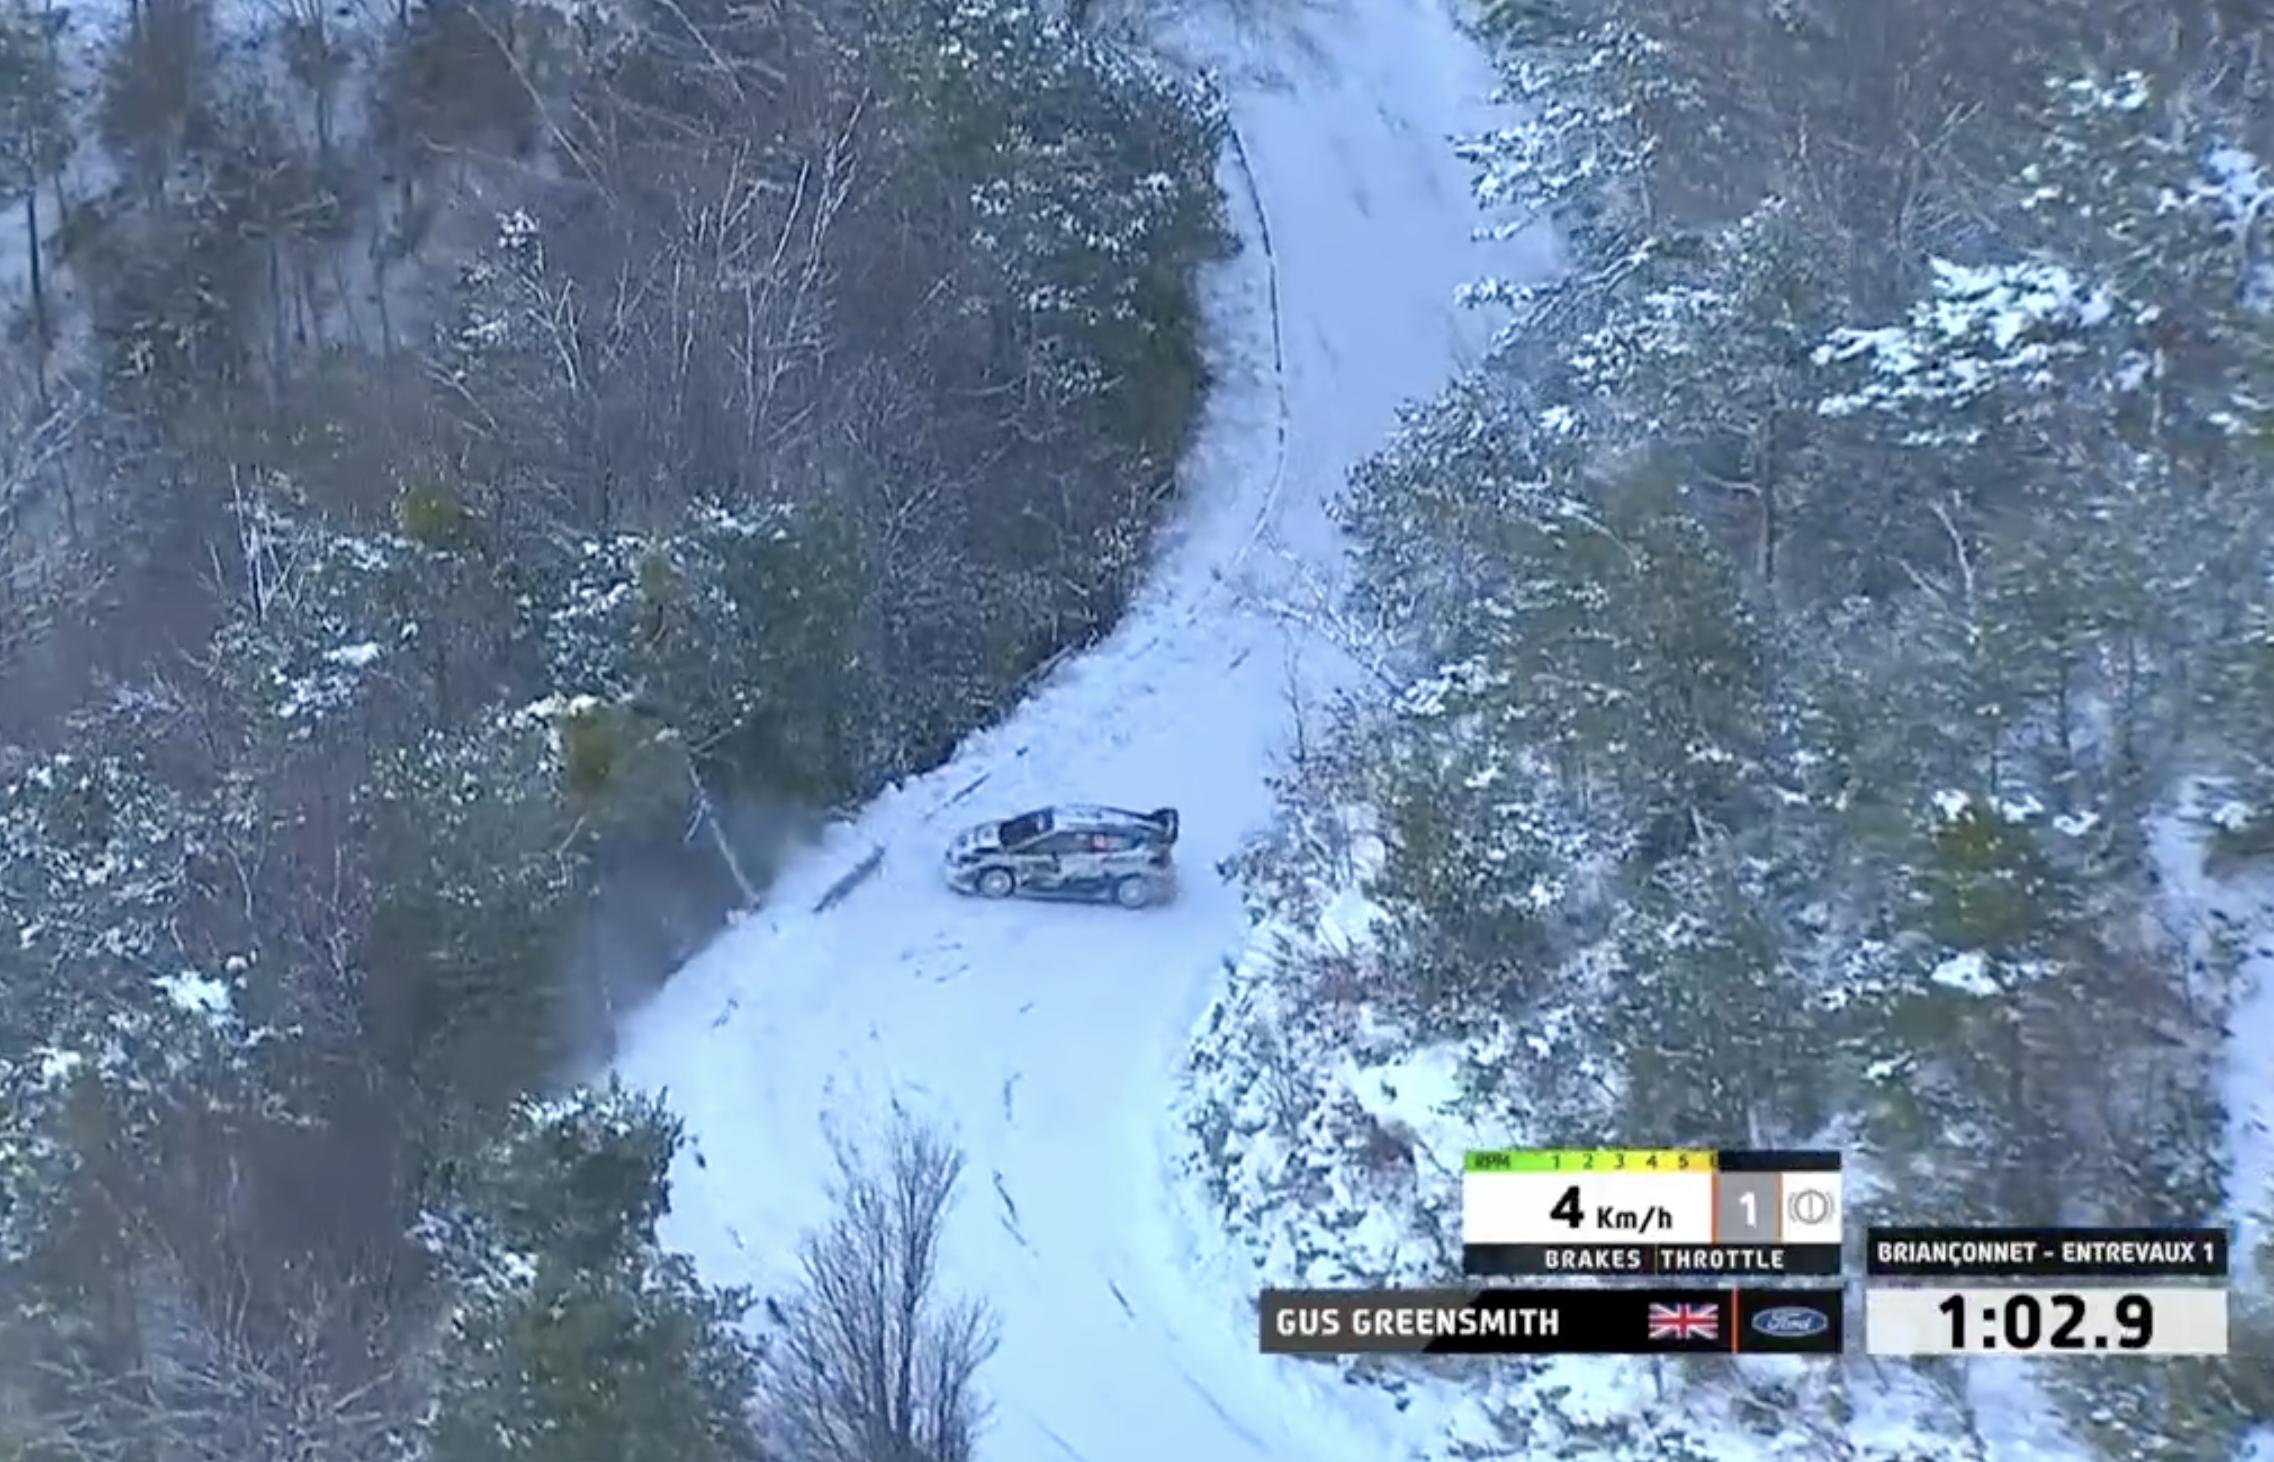 WRC: 89º Rallye Automobile de Monte-Carlo [18-24 Enero] - Página 14 GusOFF